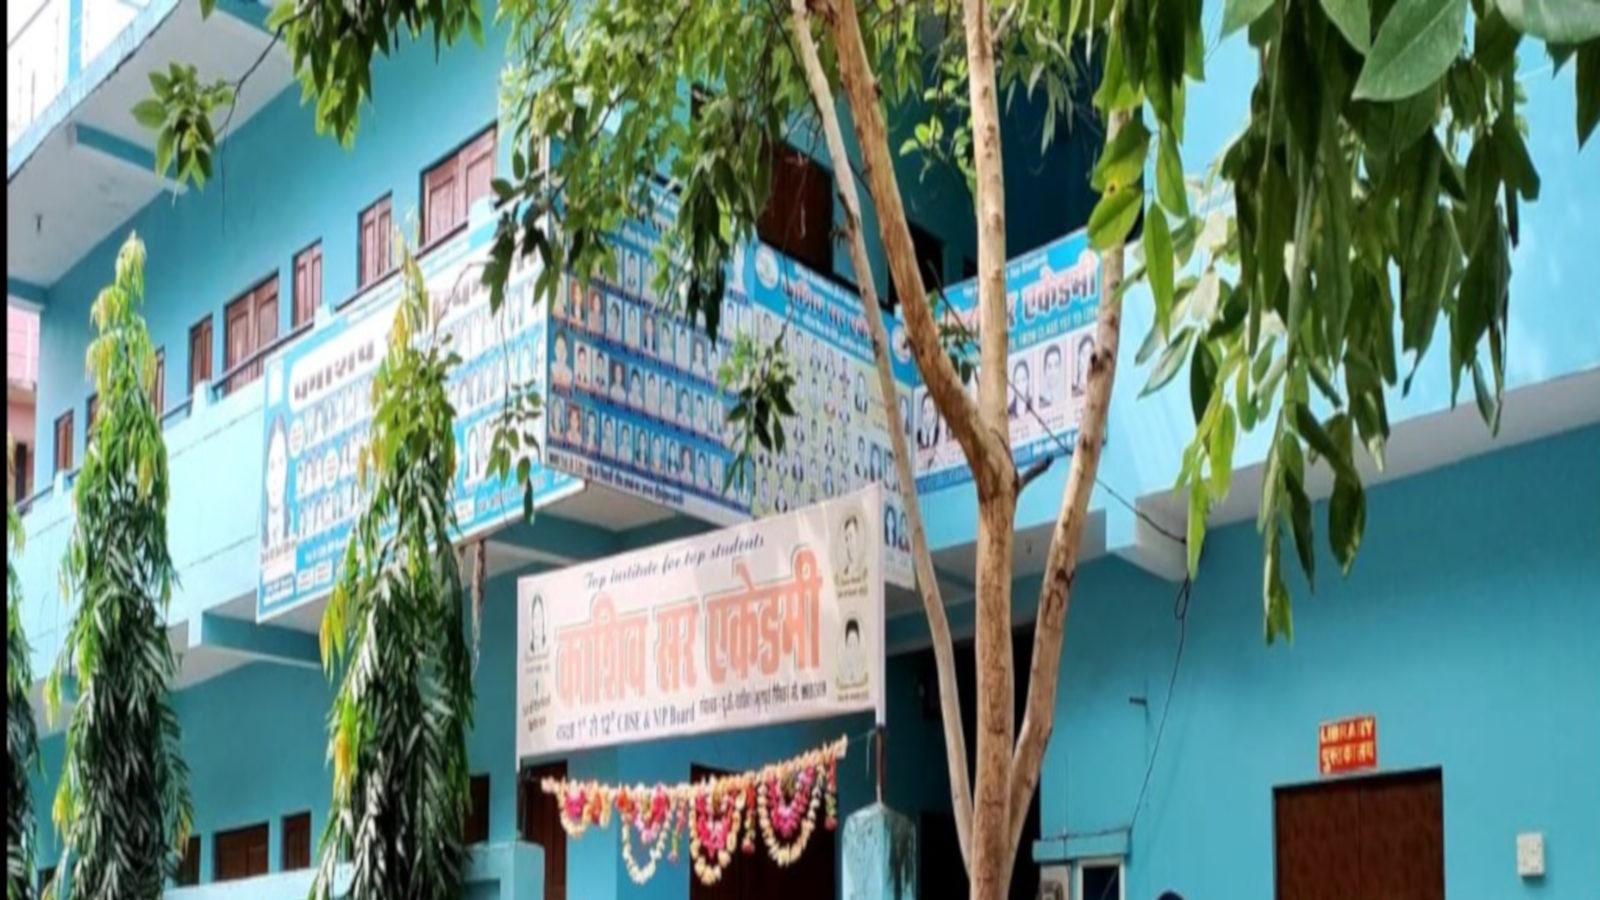 Hoshangabad News: टीचर बोला- मां का करवा दूंगा एक्सीडेंट, फिर महीनों छात्रा से करता रहा रेप